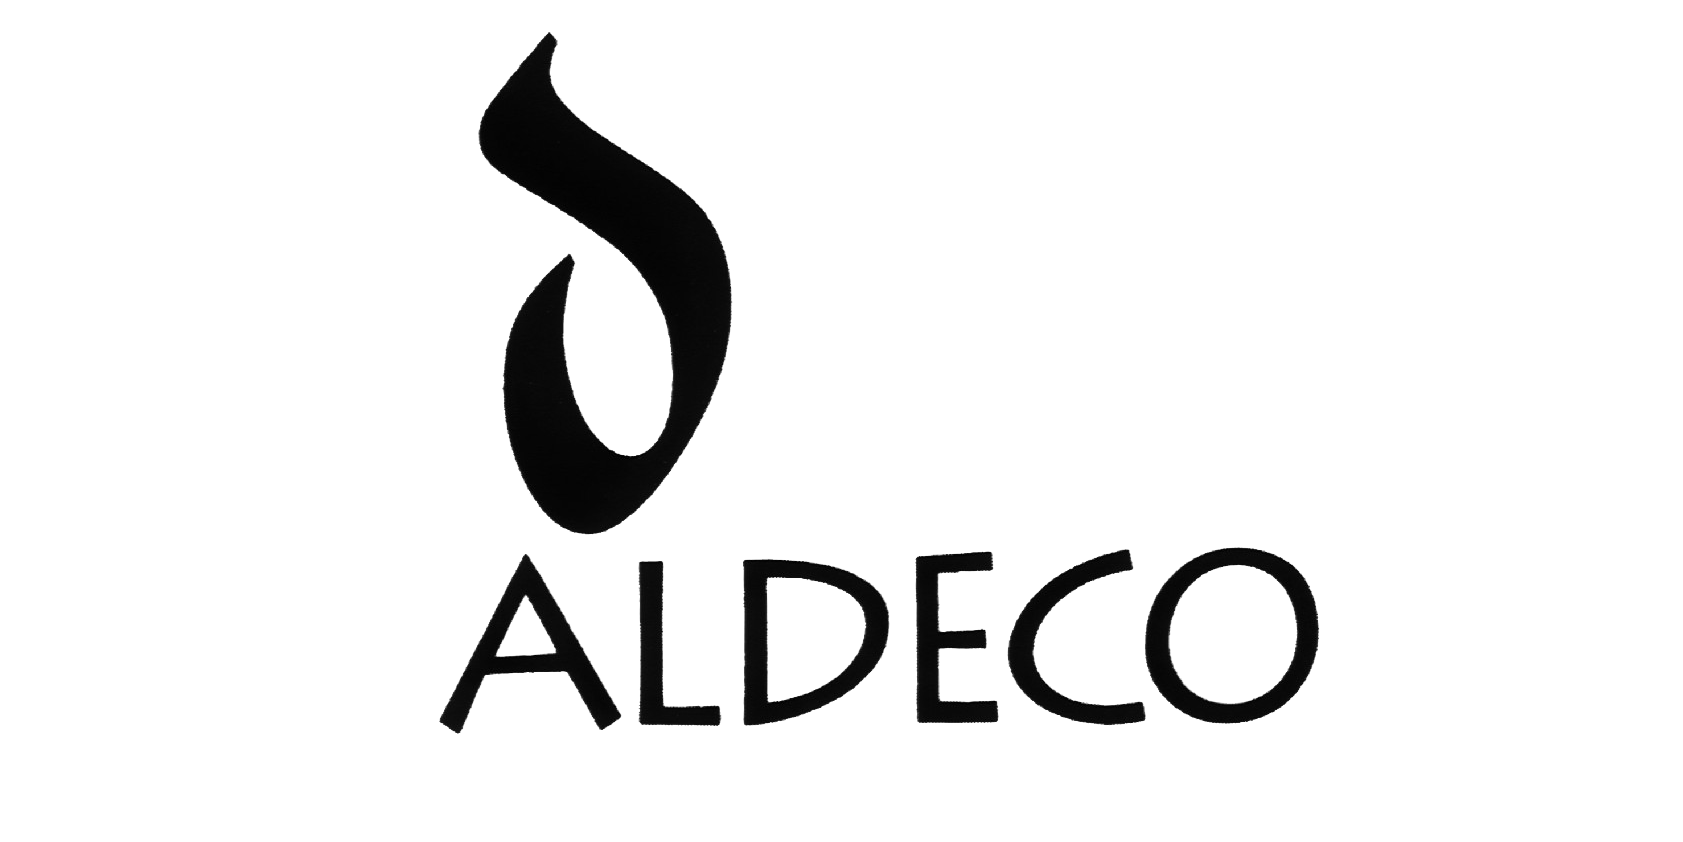 Aldeco